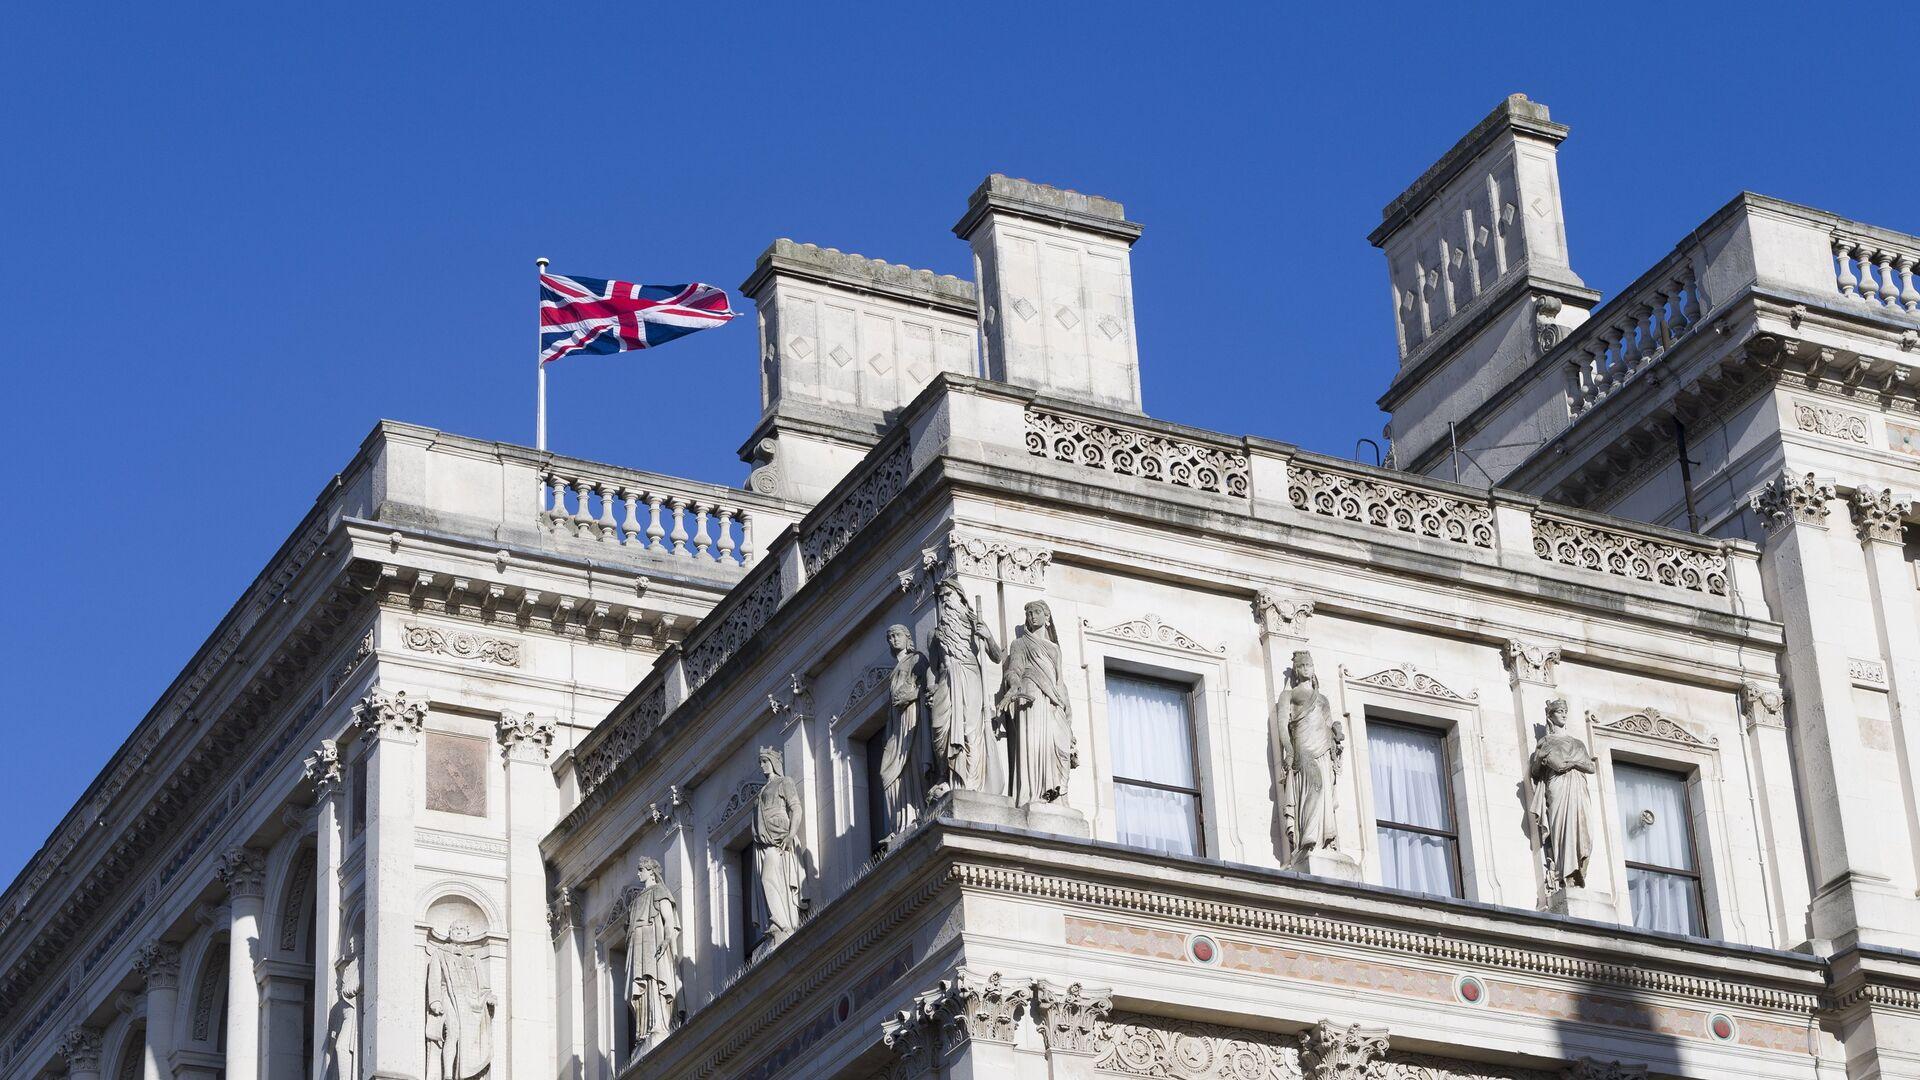 Здание МИД Великобритании в Лондоне - РИА Новости, 1920, 27.10.2020